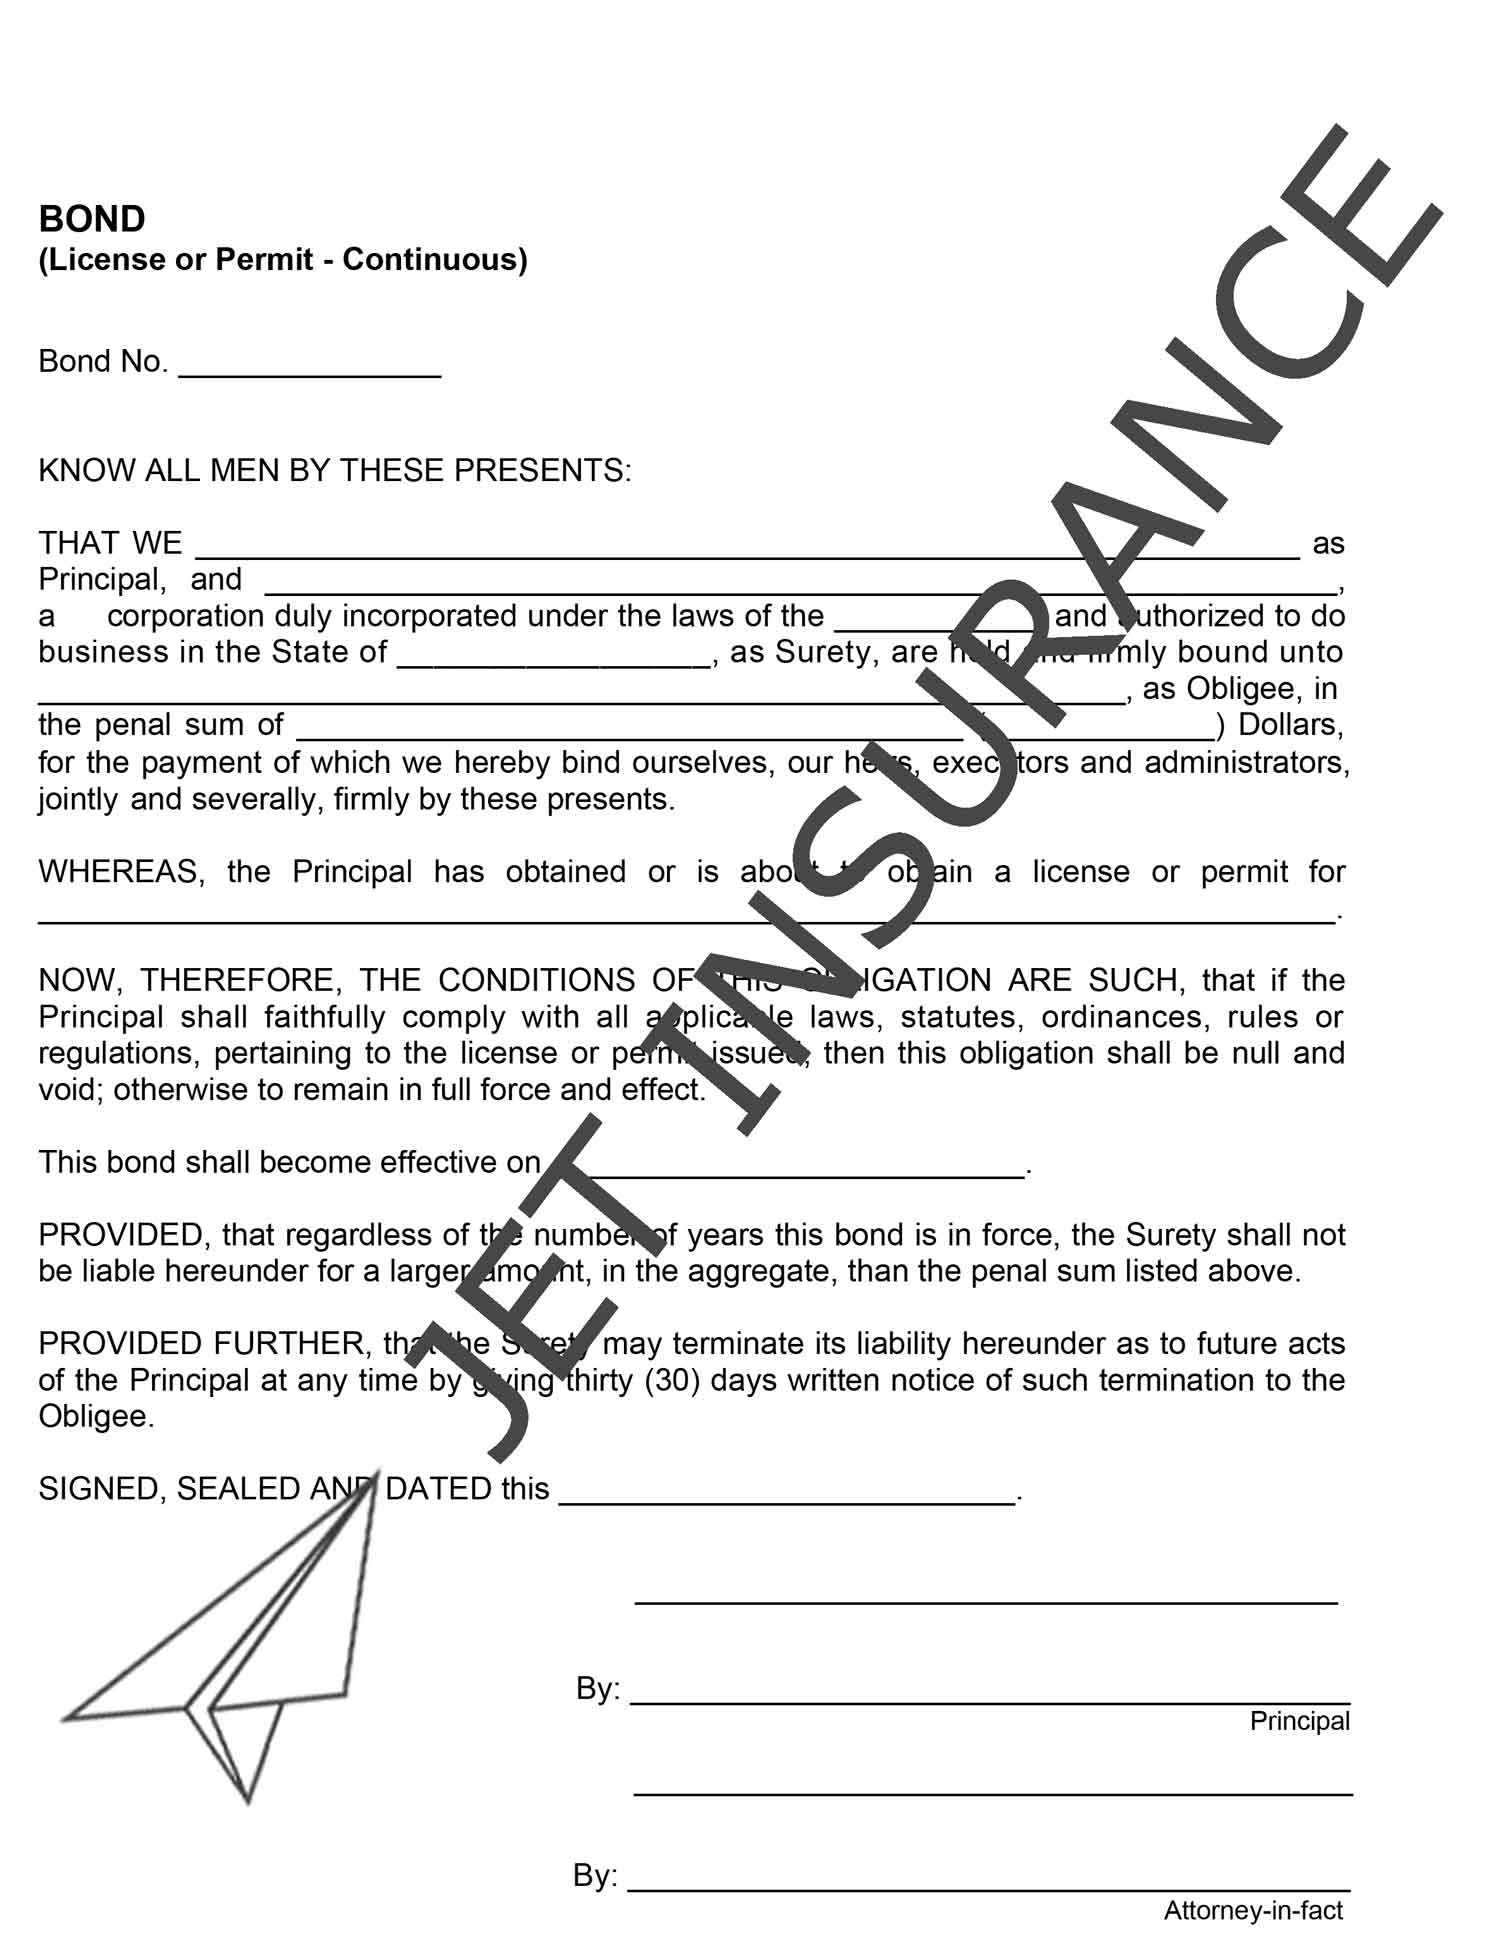 North Carolina Private Personnel Service Bond Form